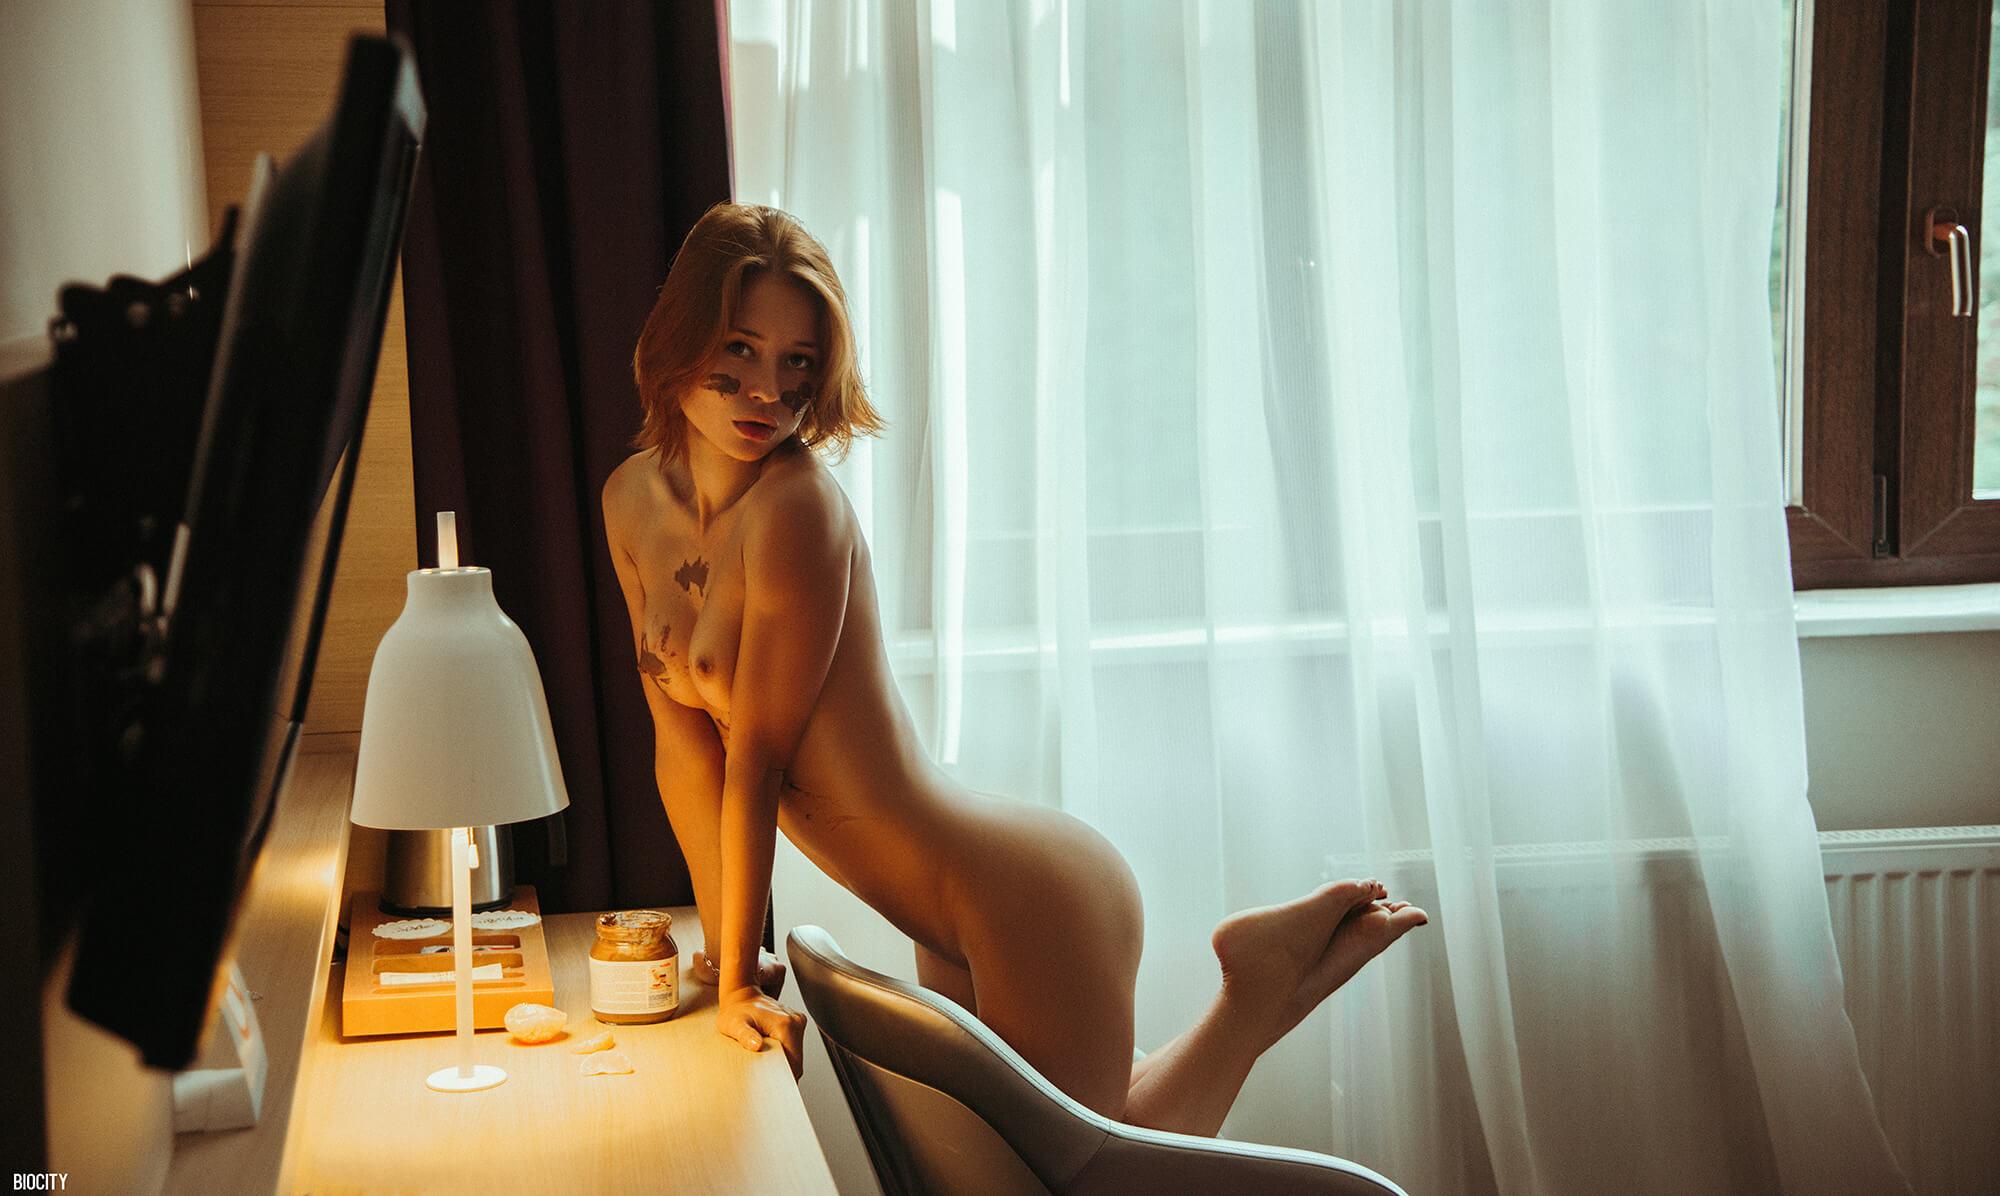 ГОЛЫЕ ЖЕНЫ и домохозяйки  Порно фото жен